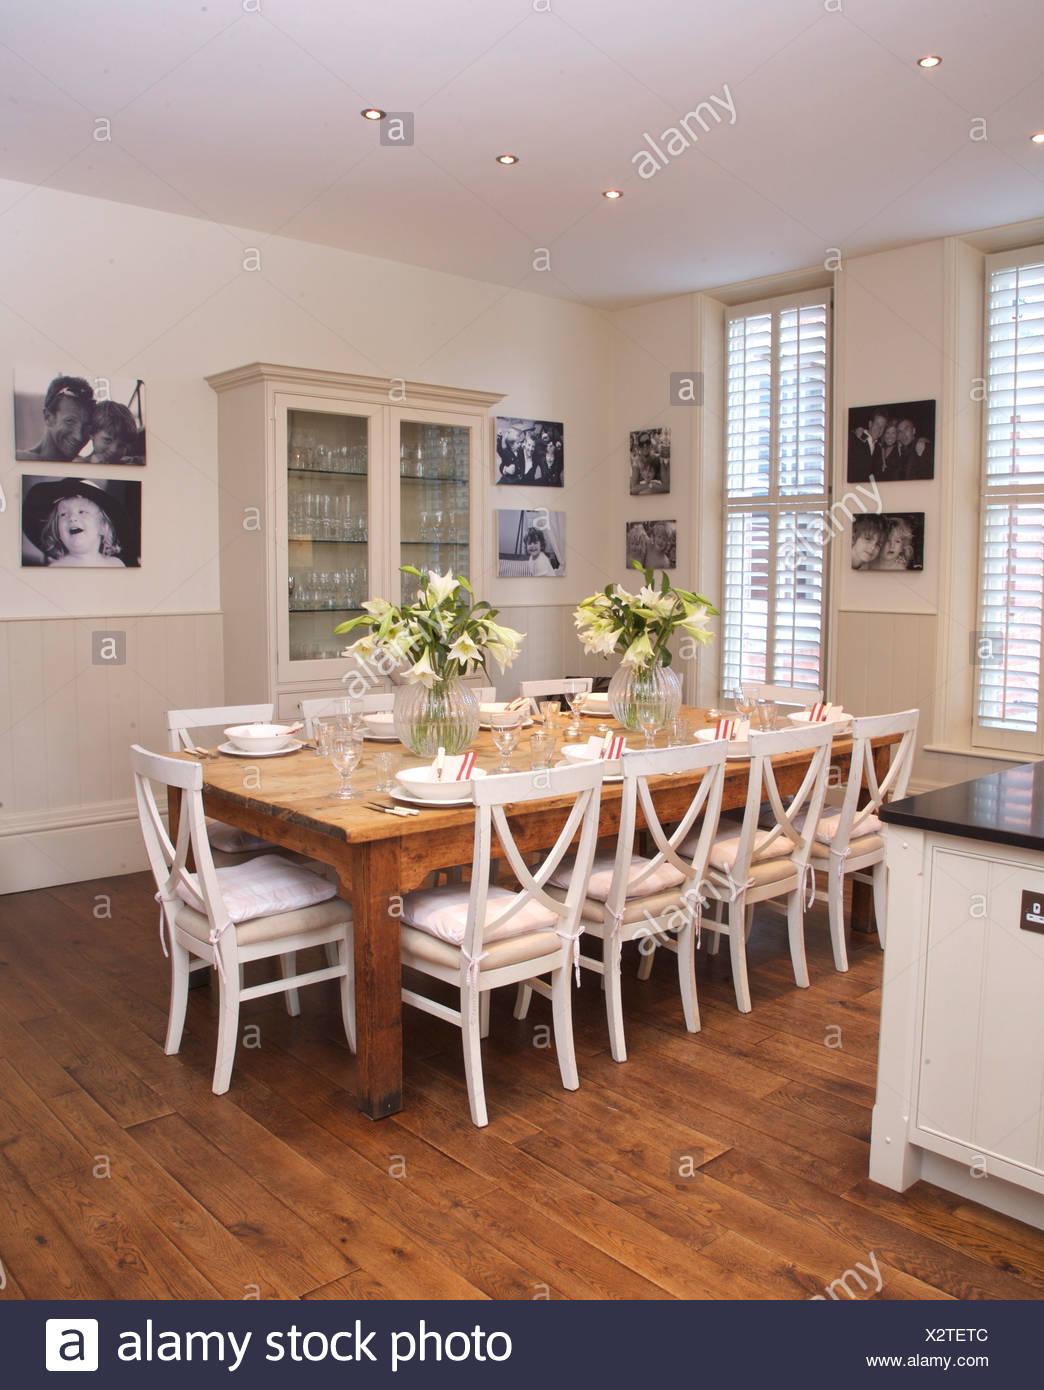 https www alamyimages fr chaises blanches a table simple en bois blanc moderne en cuisine salle a manger avec parquet et noir blanc des photographies image277133708 html